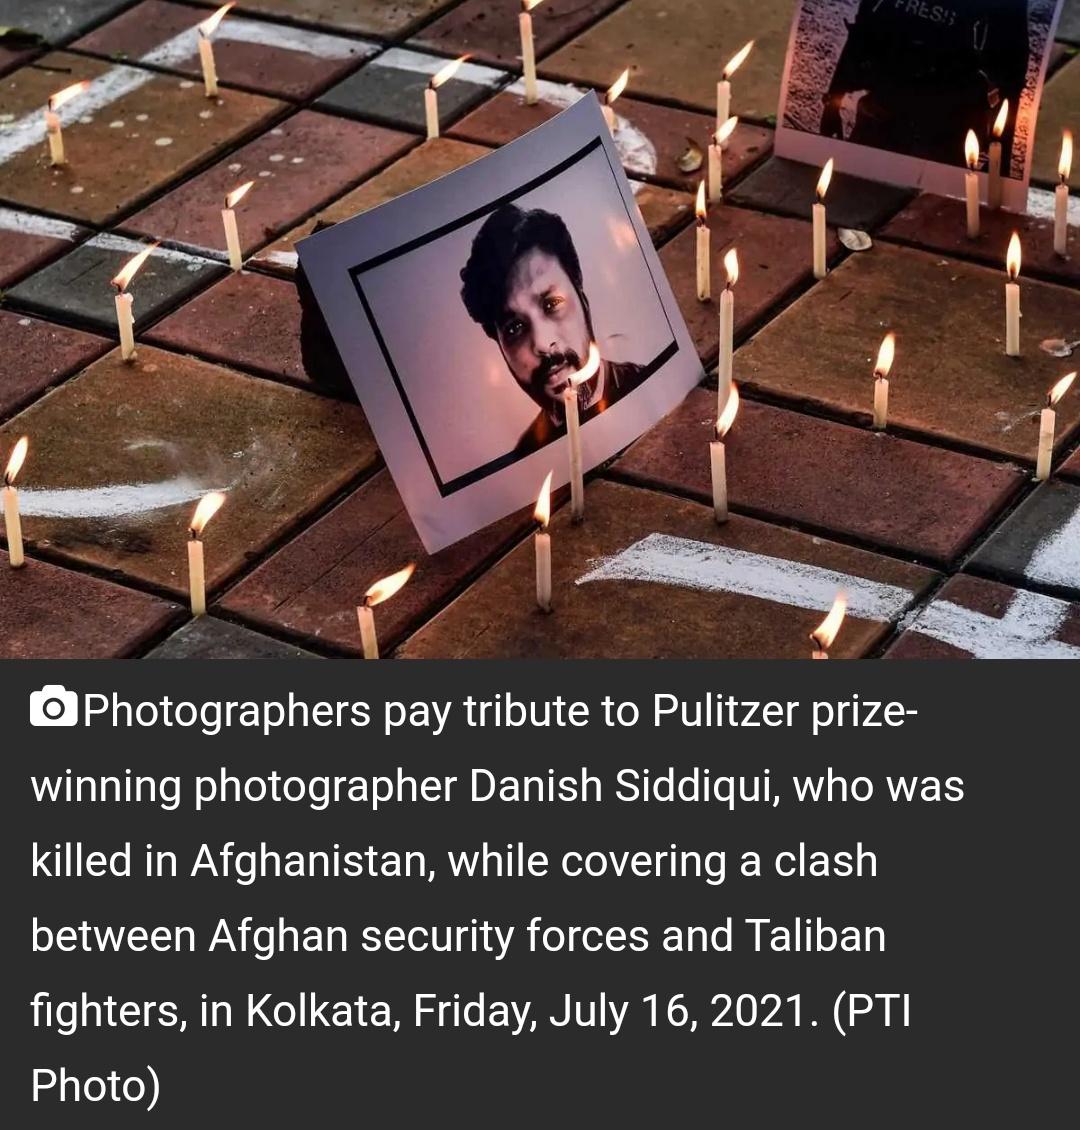 'पता नहीं किसकी गोलीबारी ने उसे मारा': दानिश सिद्दीकी की मौत पर तालिबान का जवाब 17